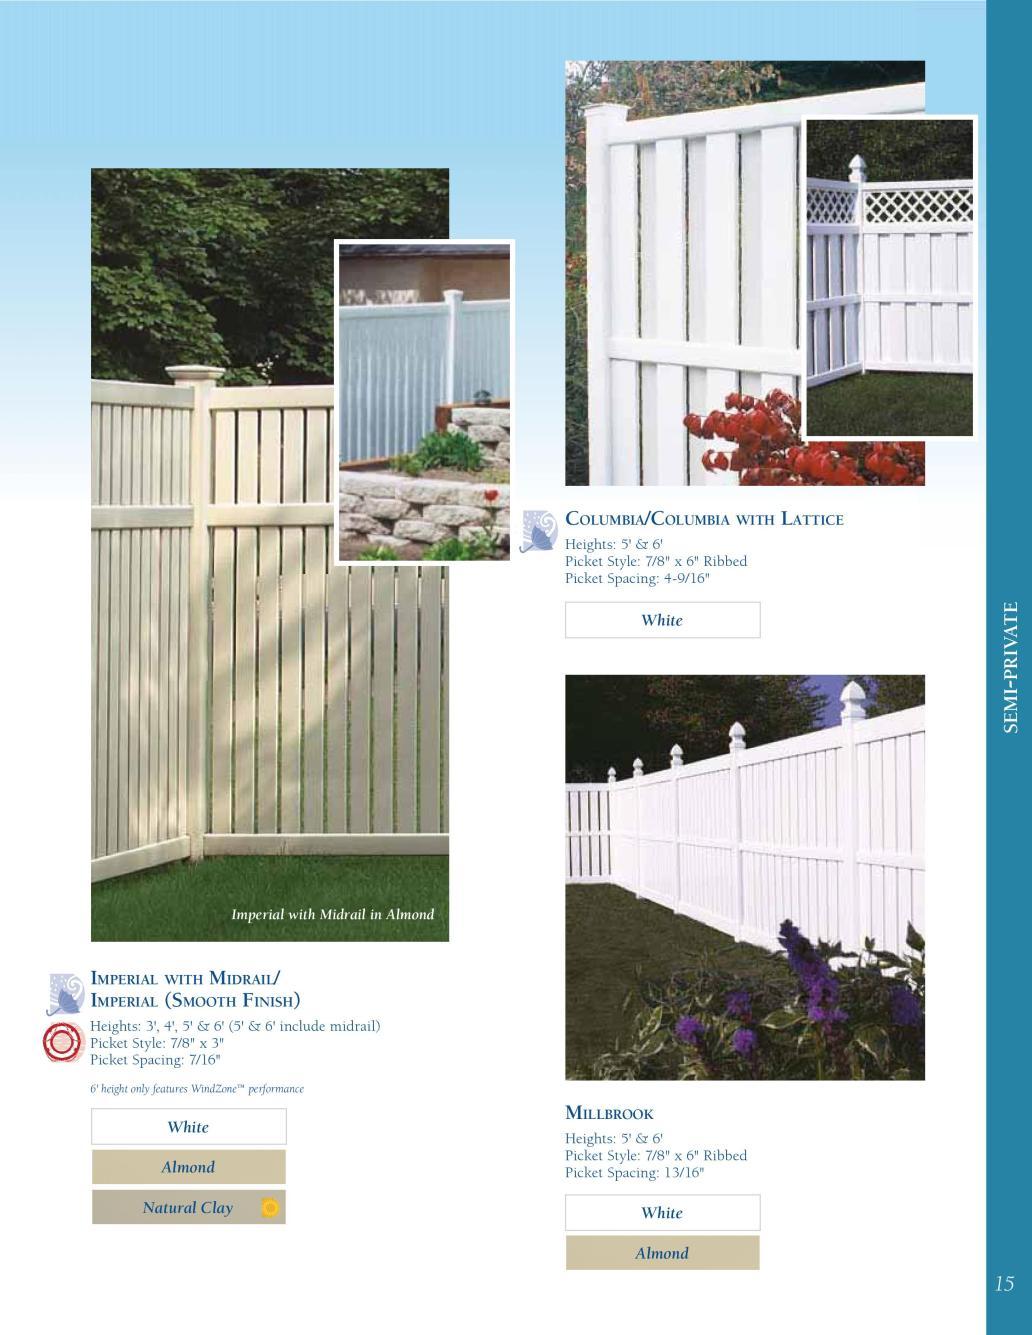 FRD_40-40-70610_Fulline-page-015